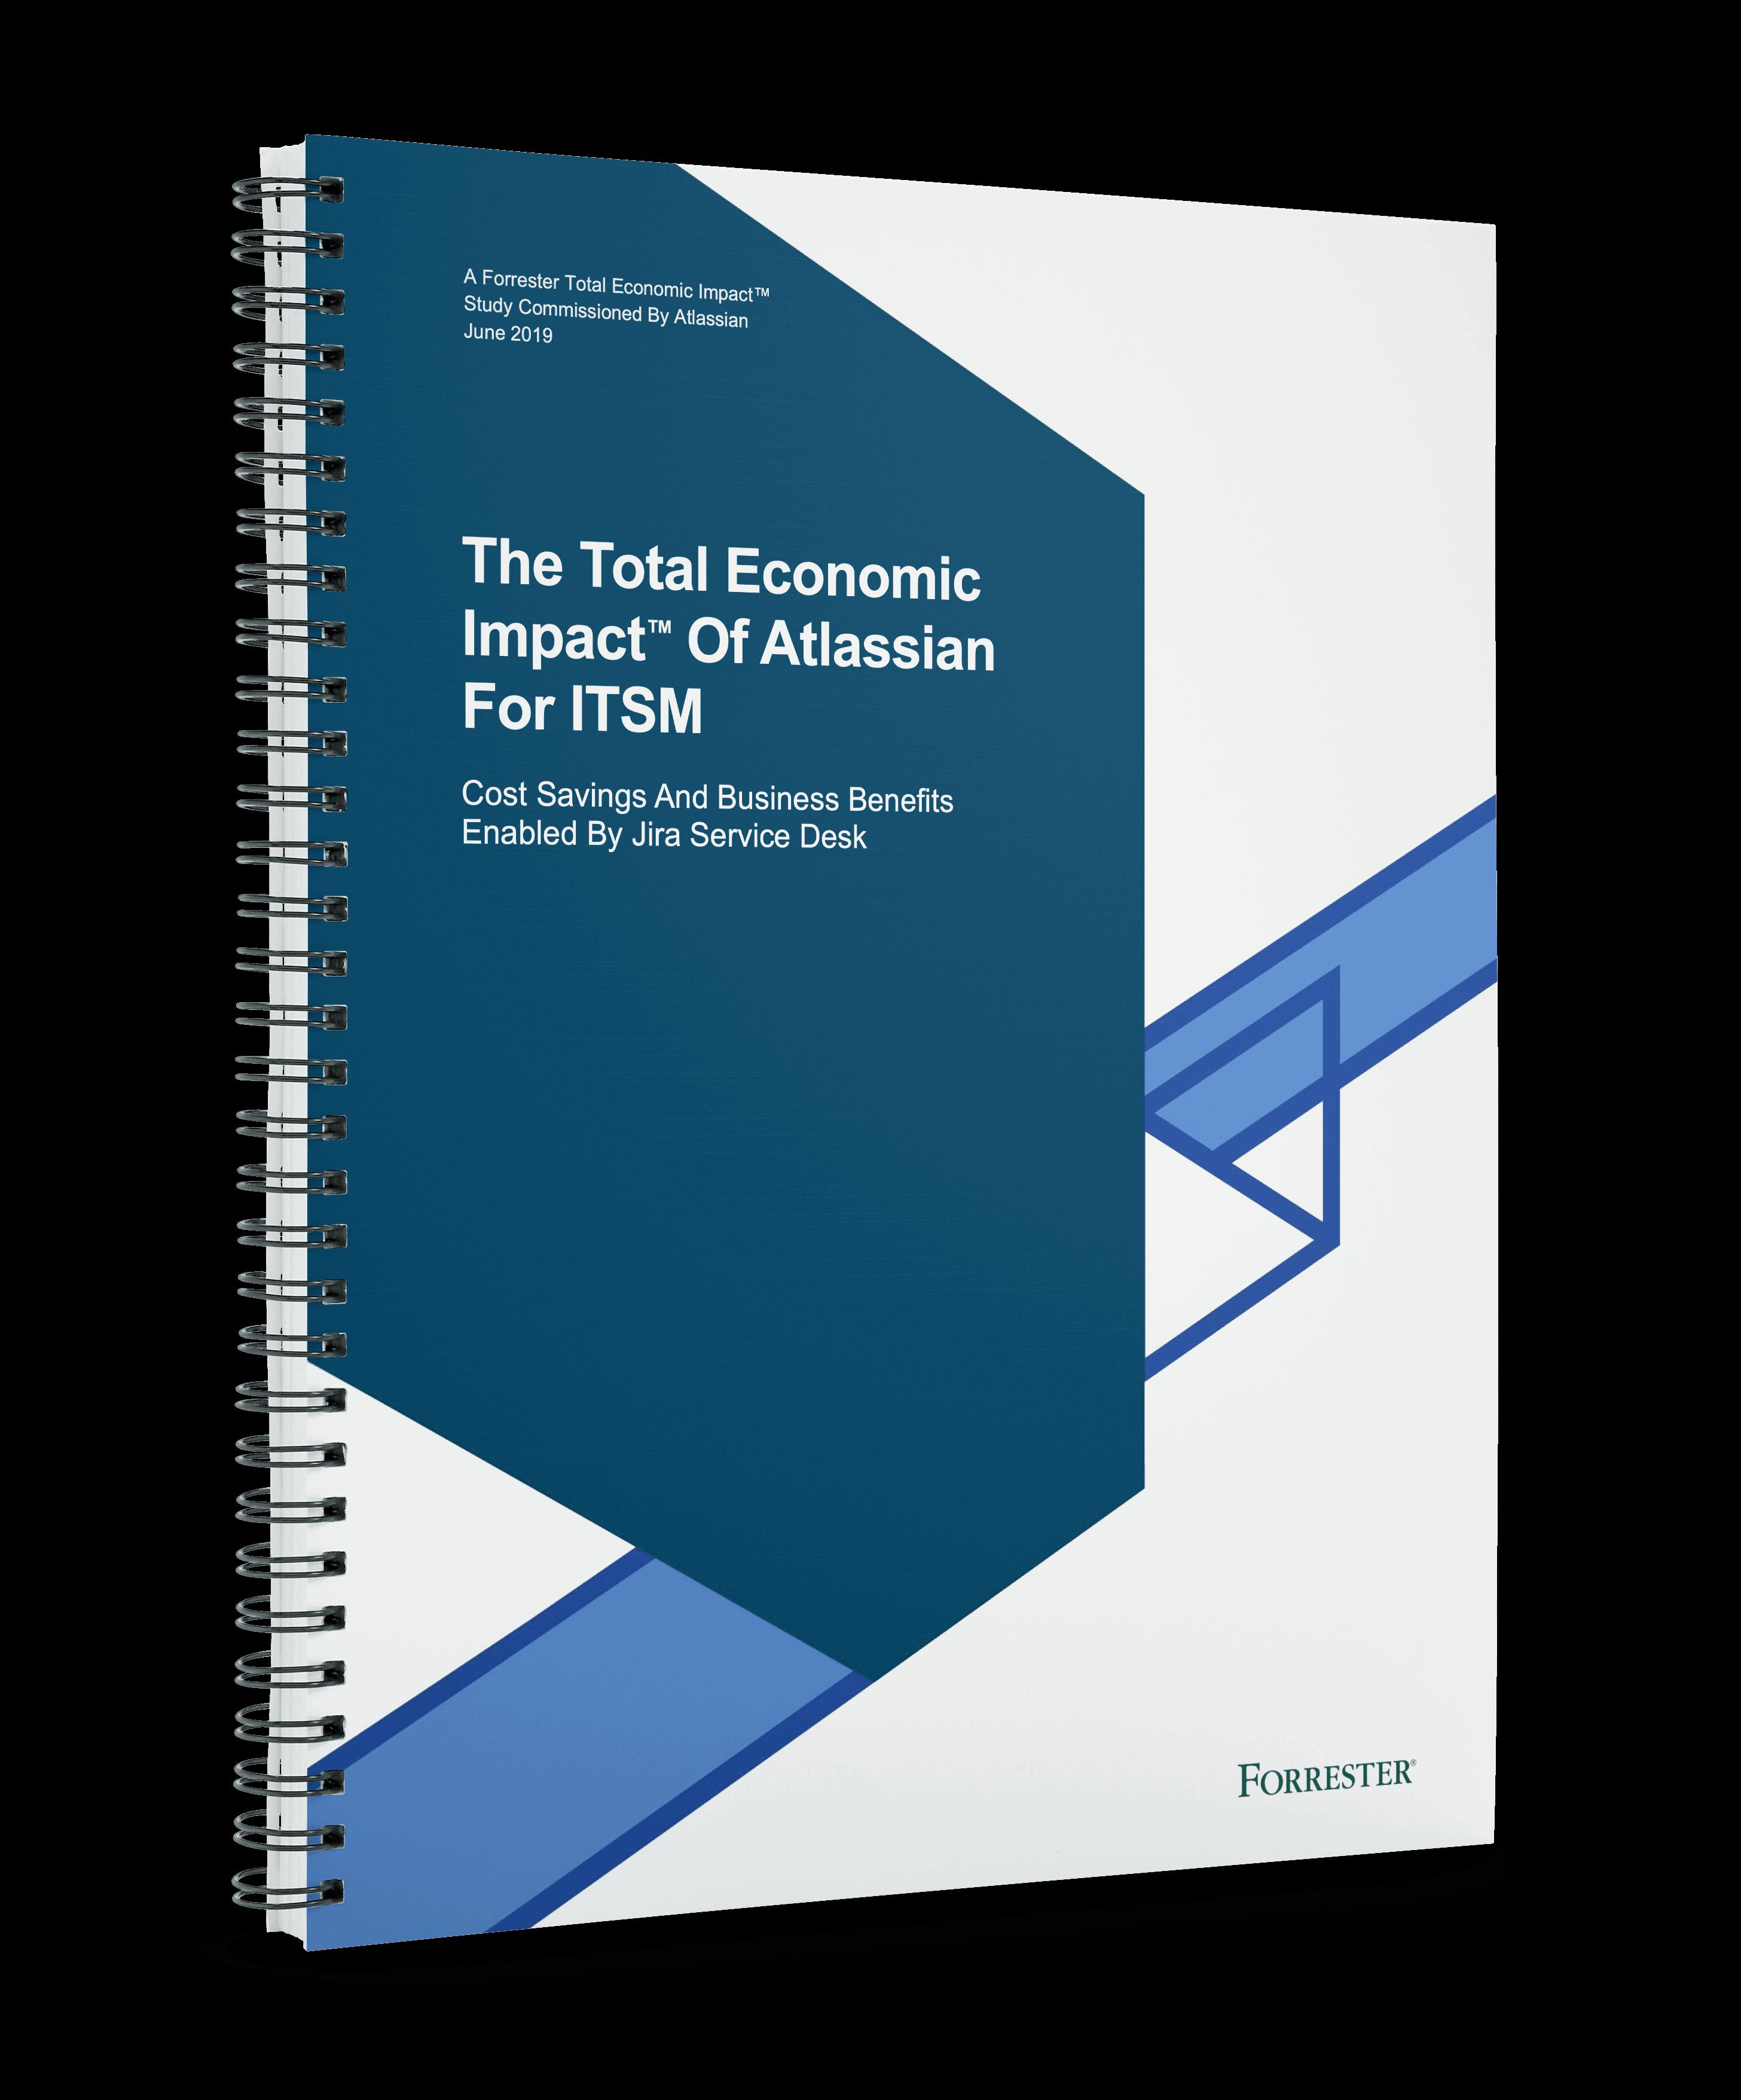 『Total Economic Impact™ Of Atlassian For ITSM (ITSM でのアトラシアンの総経済効果)』の表紙